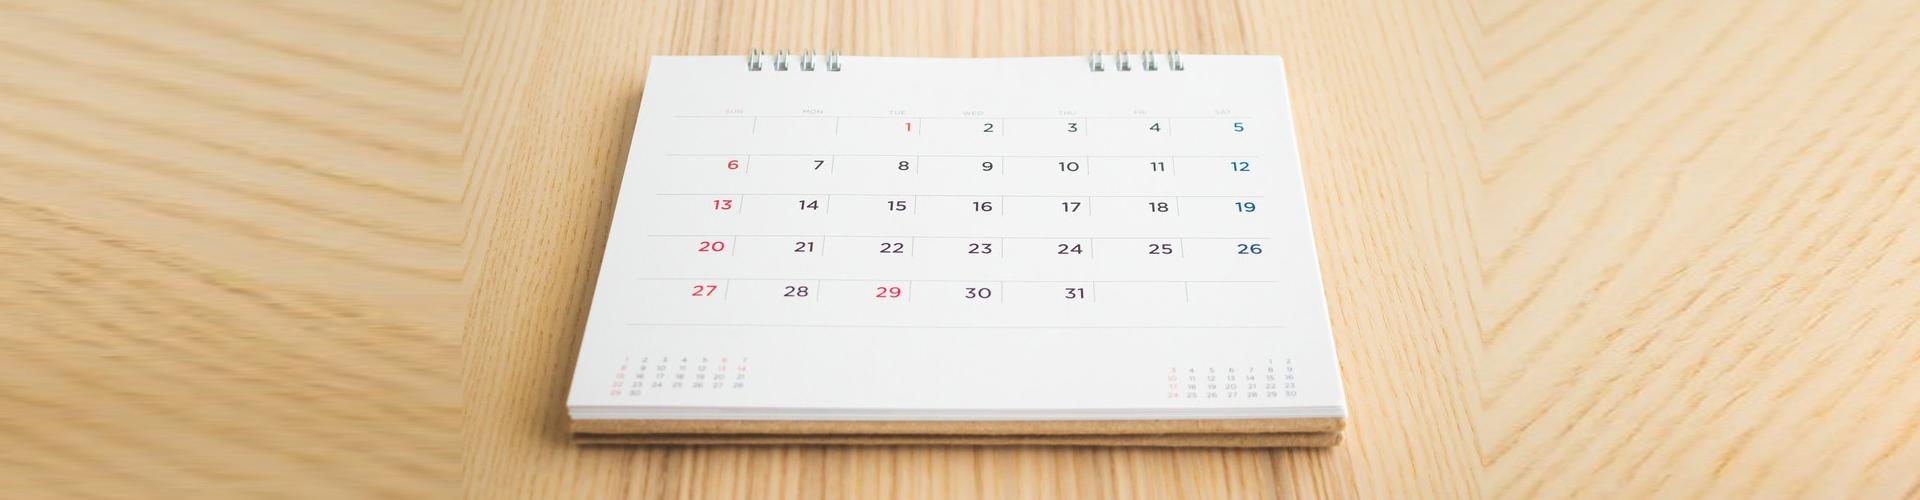 calendar on top of a table